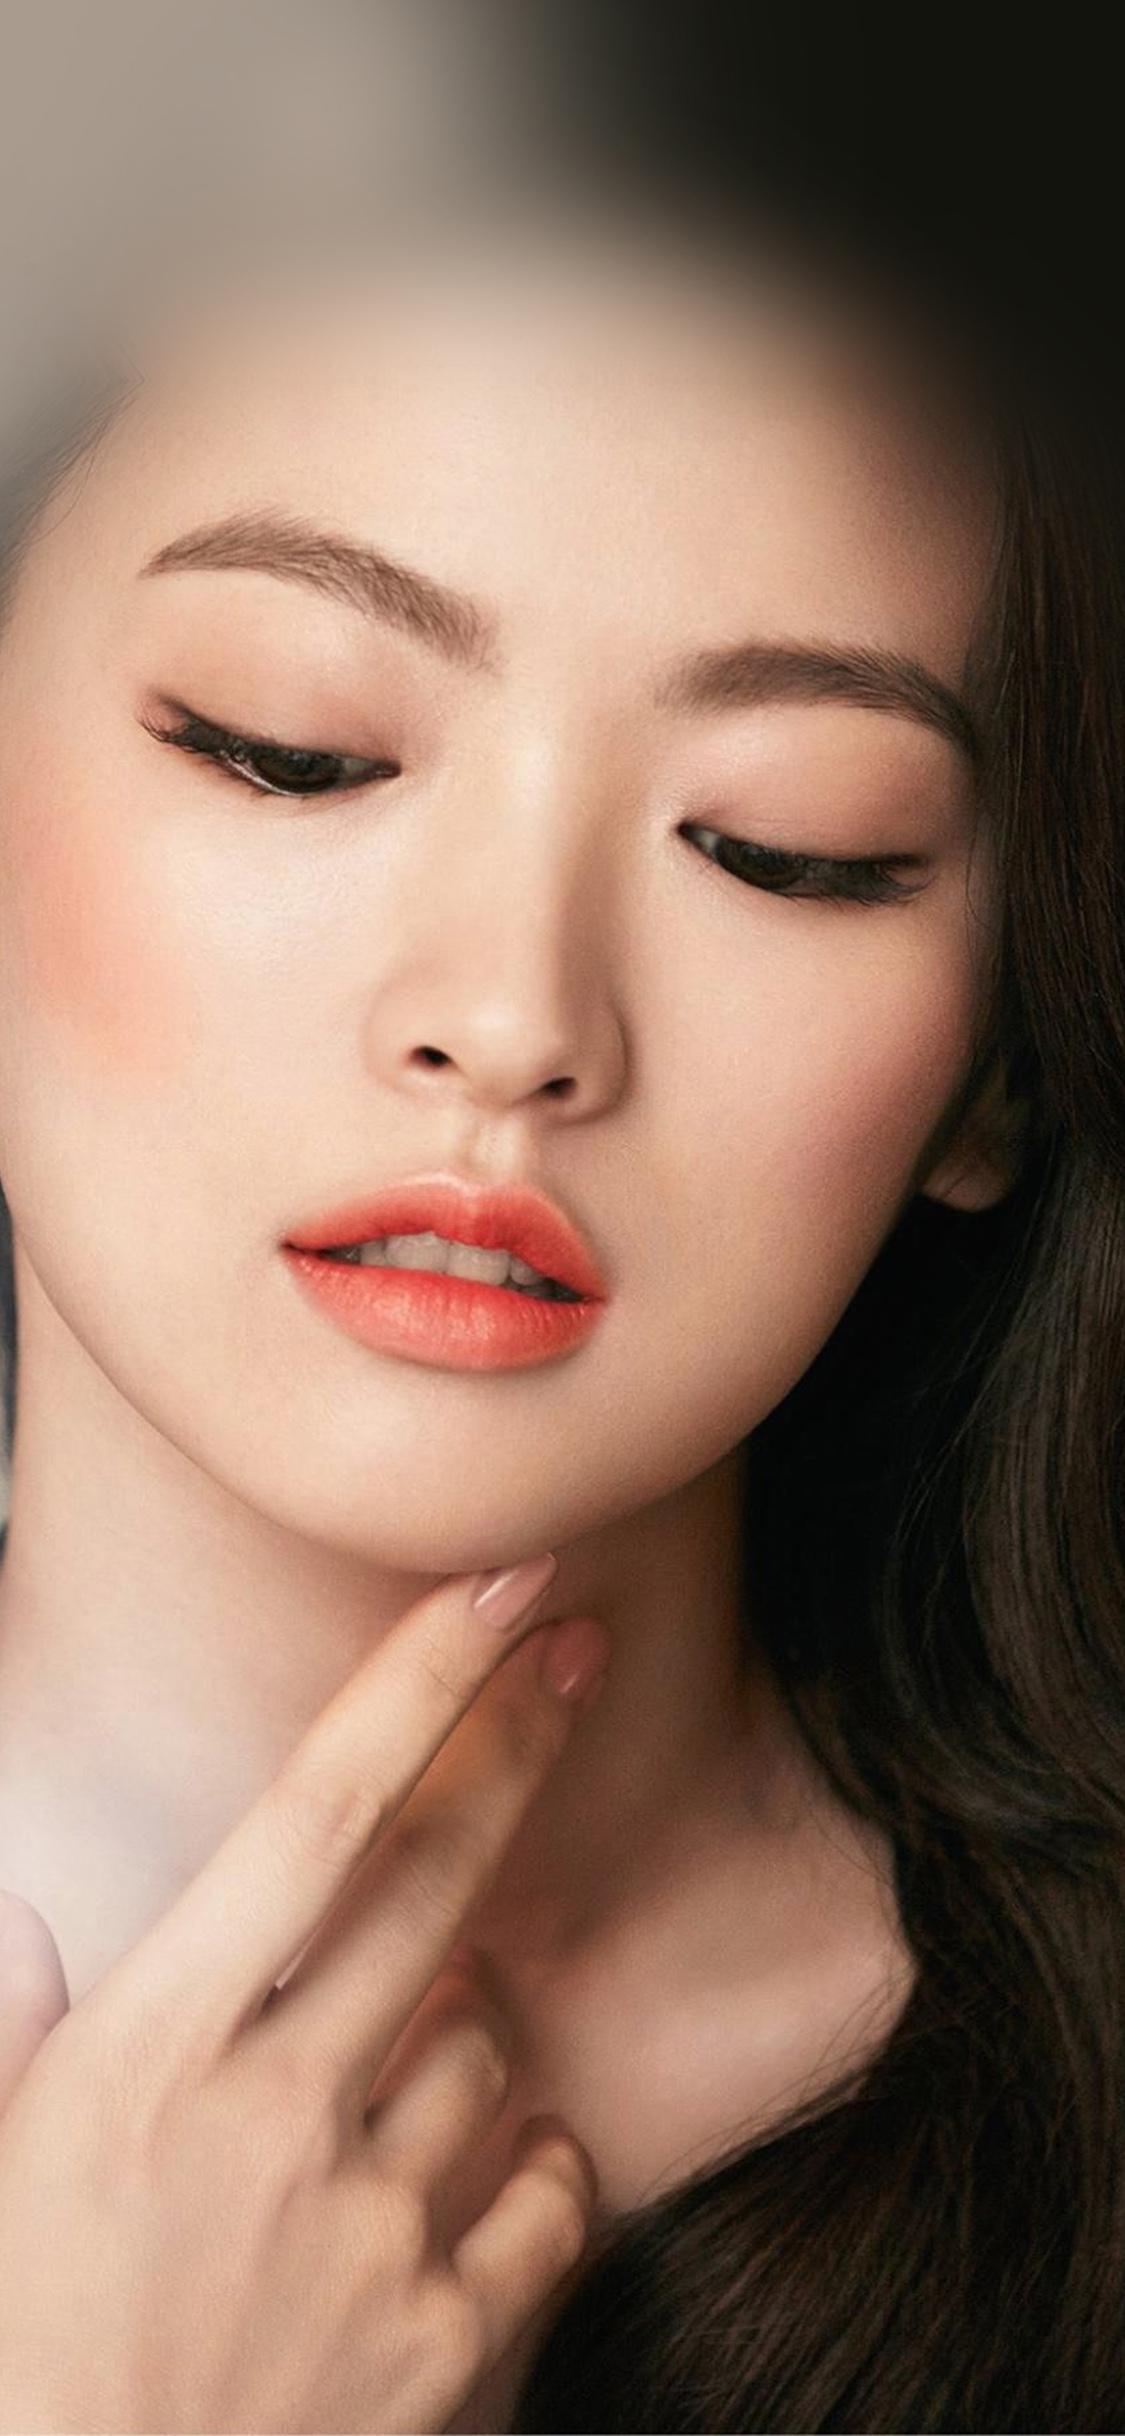 Butterfly Girl Hd Wallpaper Hn65 Asian Girl Face Dark Dress Wallpaper